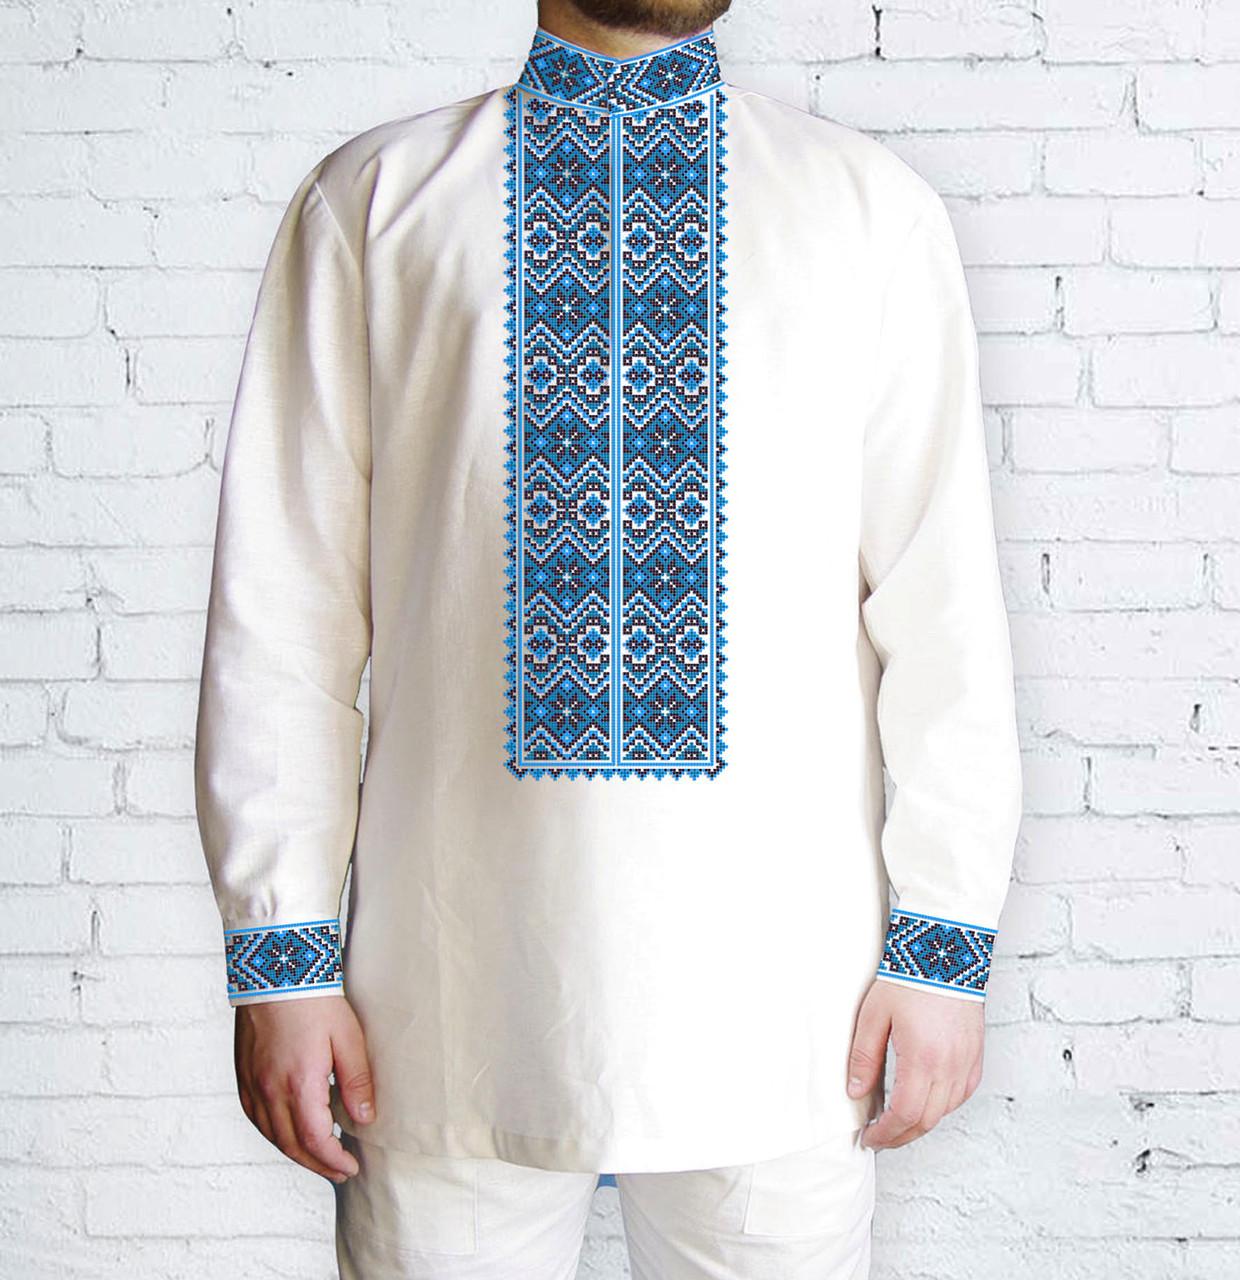 Заготовка чоловічої сорочки та вишиванки для вишивки чи вишивання бісером Бисерок «Ромби голубі 511 Г» (Ч-511 Г )